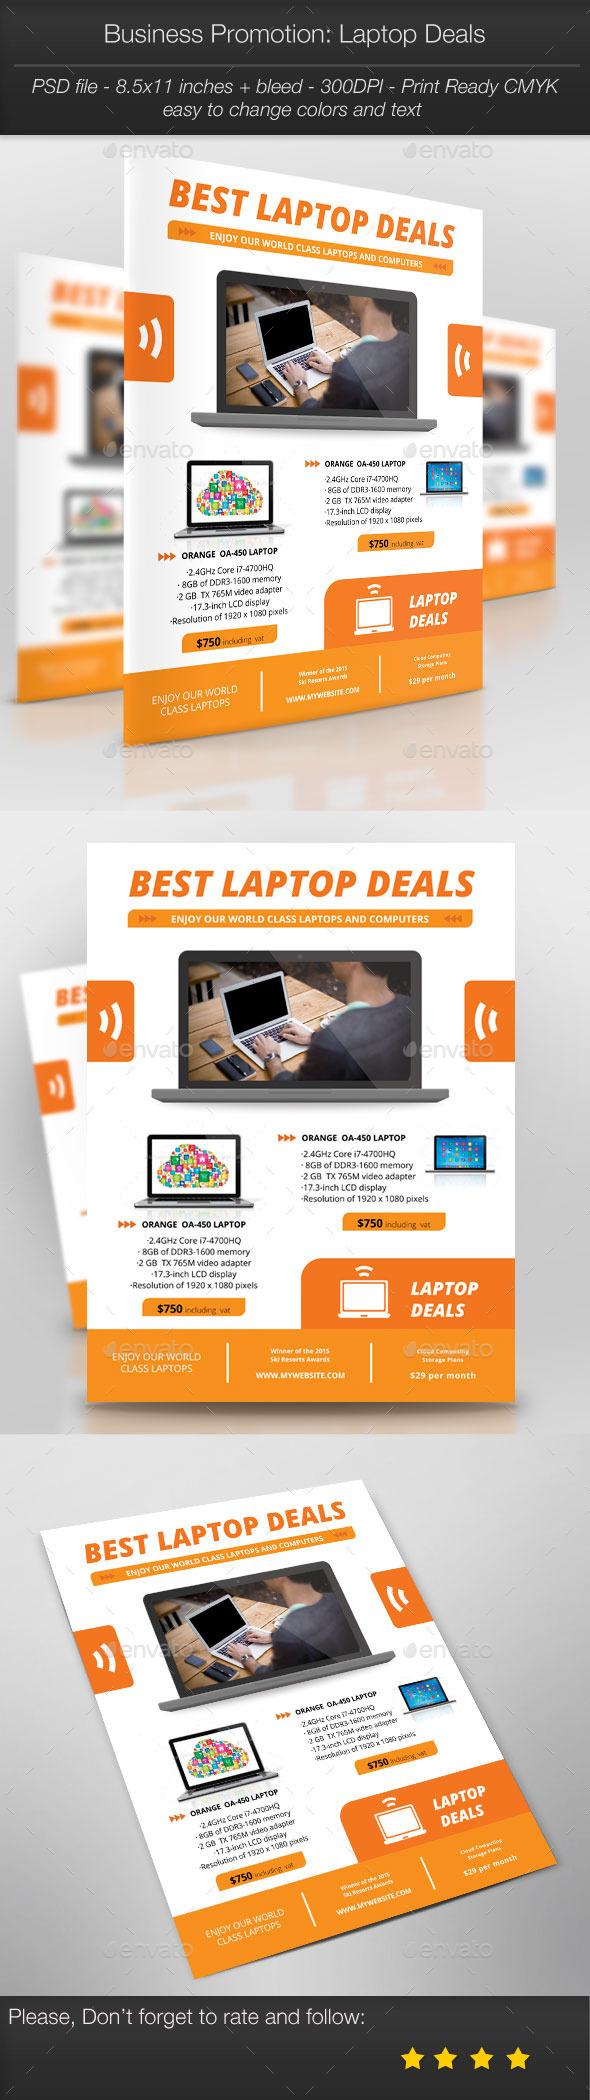 GraphicRiver Business Promotion Laptop Deals 11118403